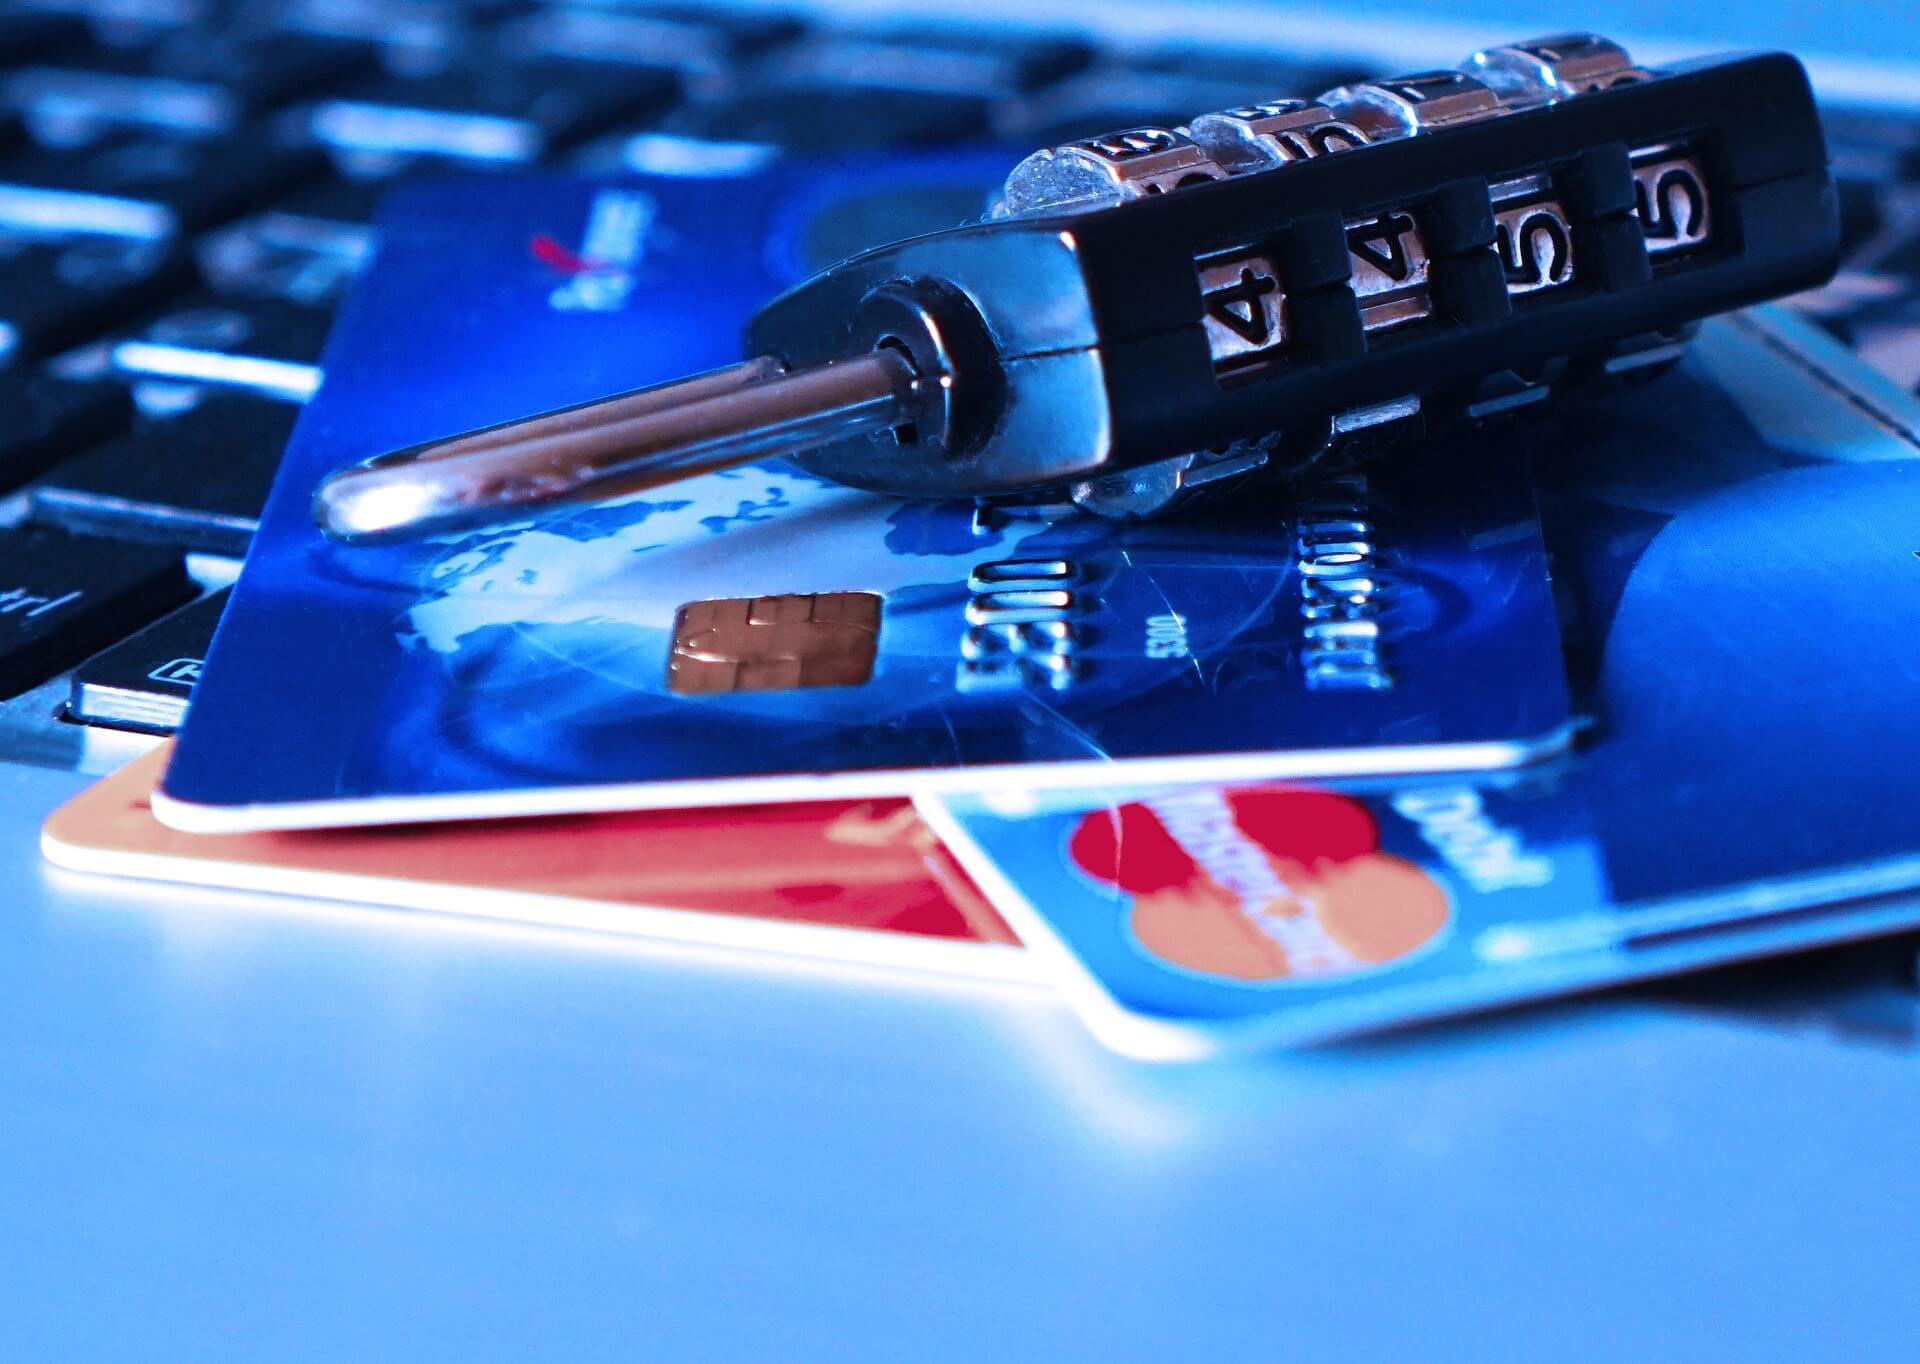 Ventajas de reunificar las deudas con préstamos rápidos